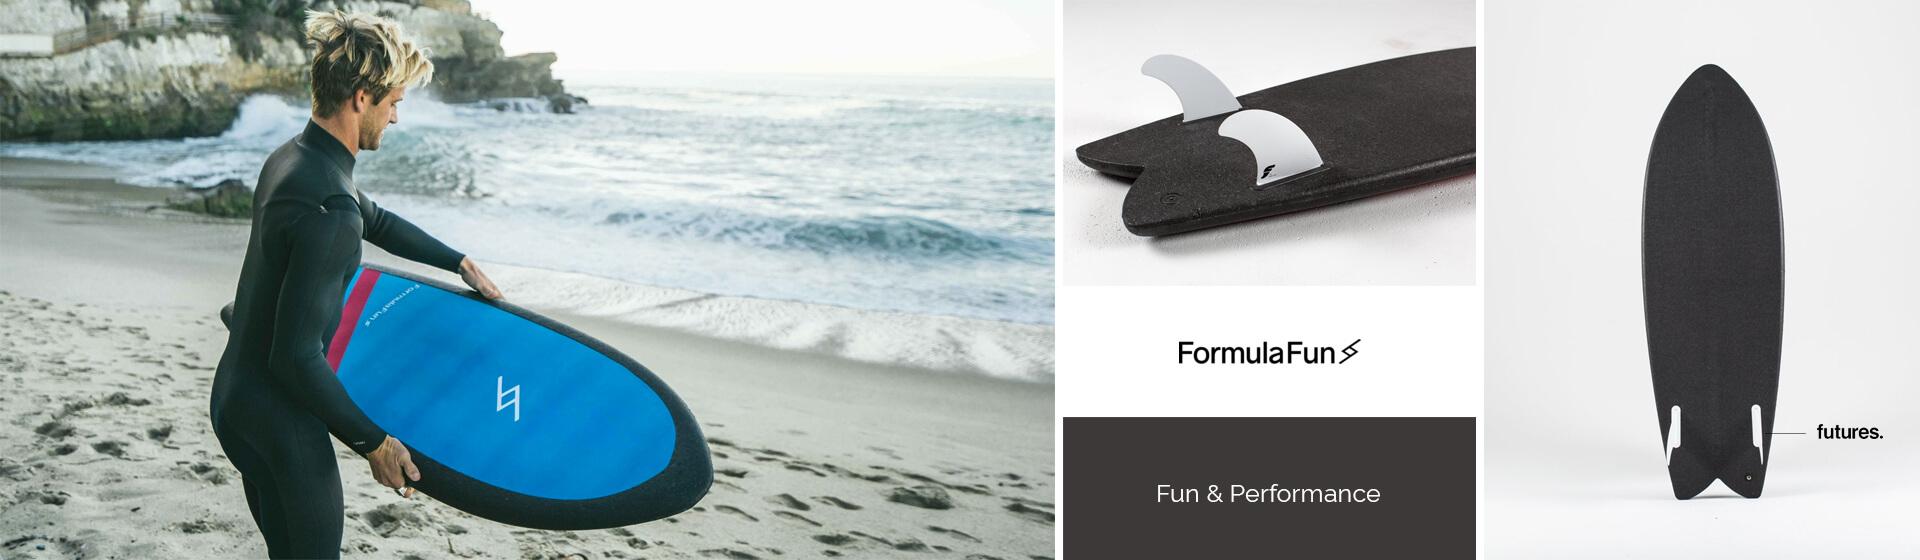 New softboard Formula Fun